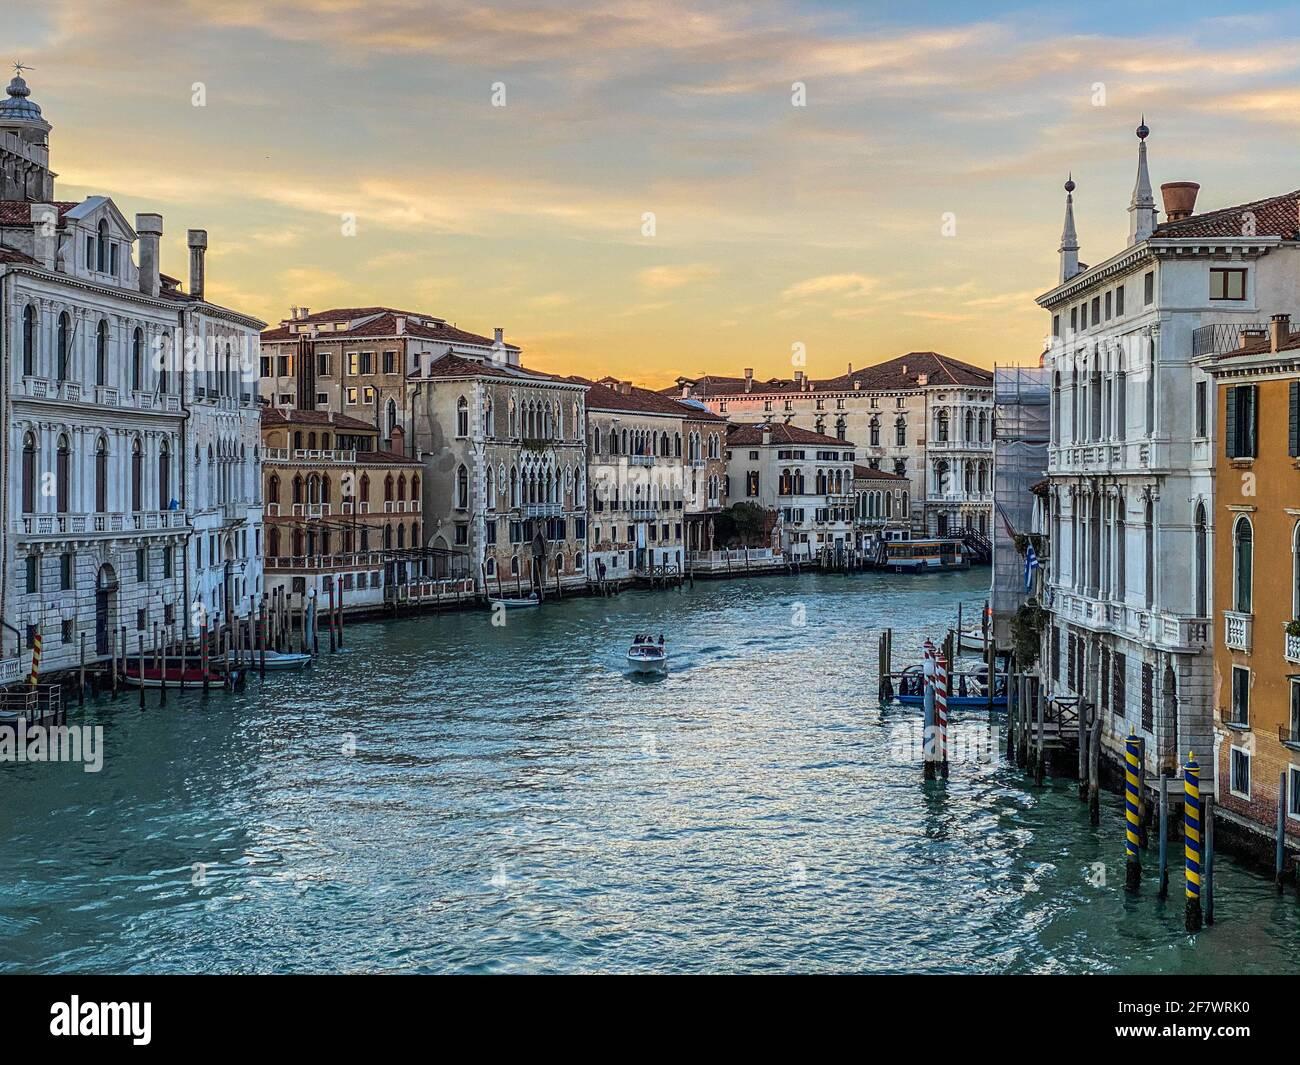 Vista sul Canal Grande dal Ponte dell'Accademia di Venezia. Solo una barca sull'acqua Foto Stock